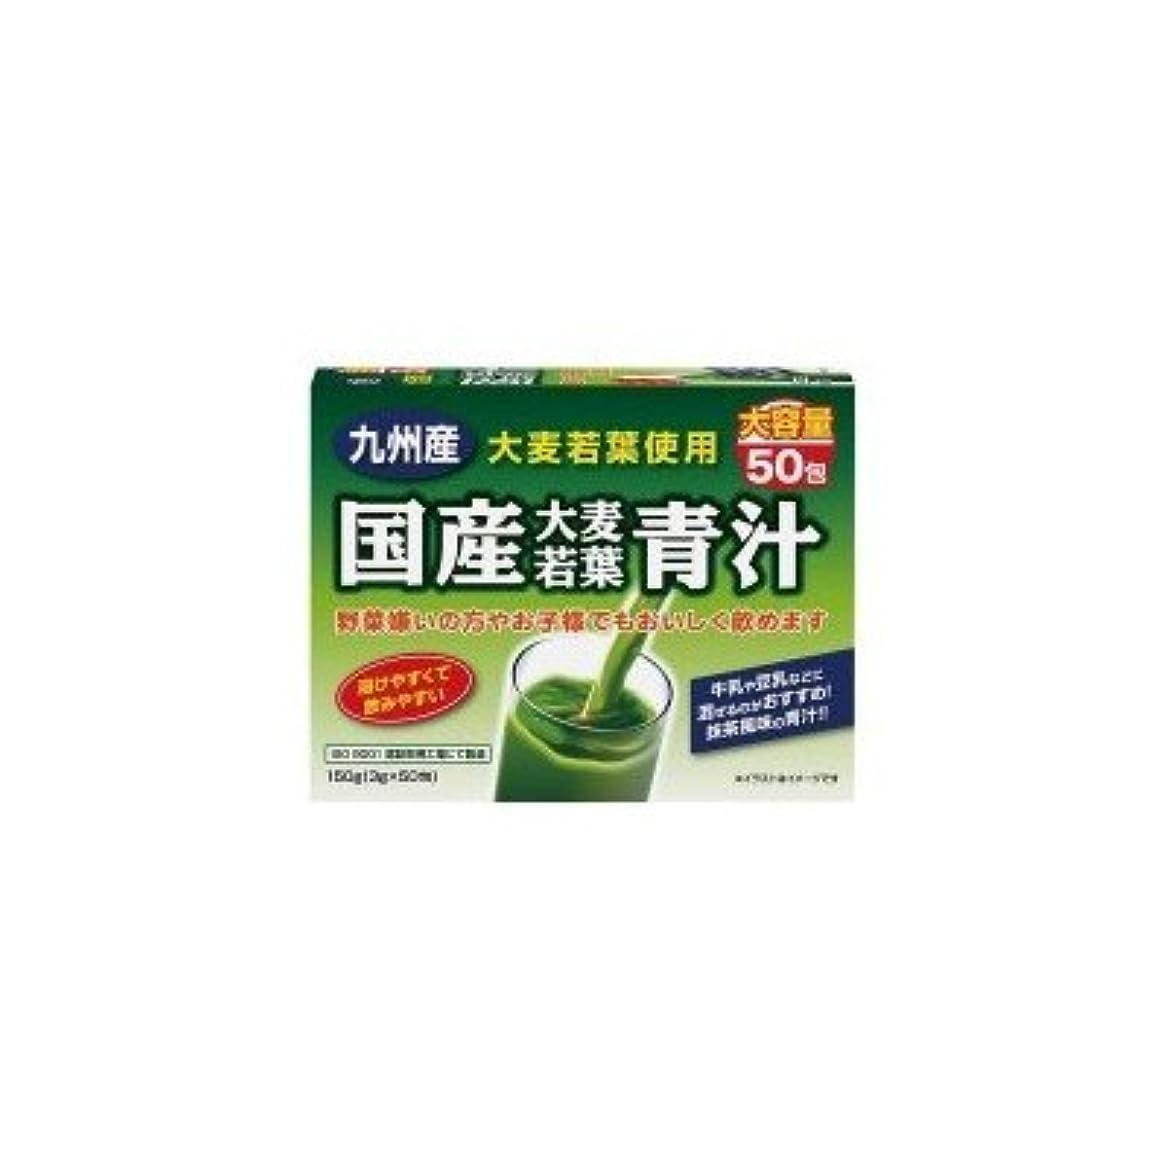 悪魔移住するヘビユーワ 九州産大麦若葉使用 国産大麦若葉青汁 150g(3g×50包) 3888